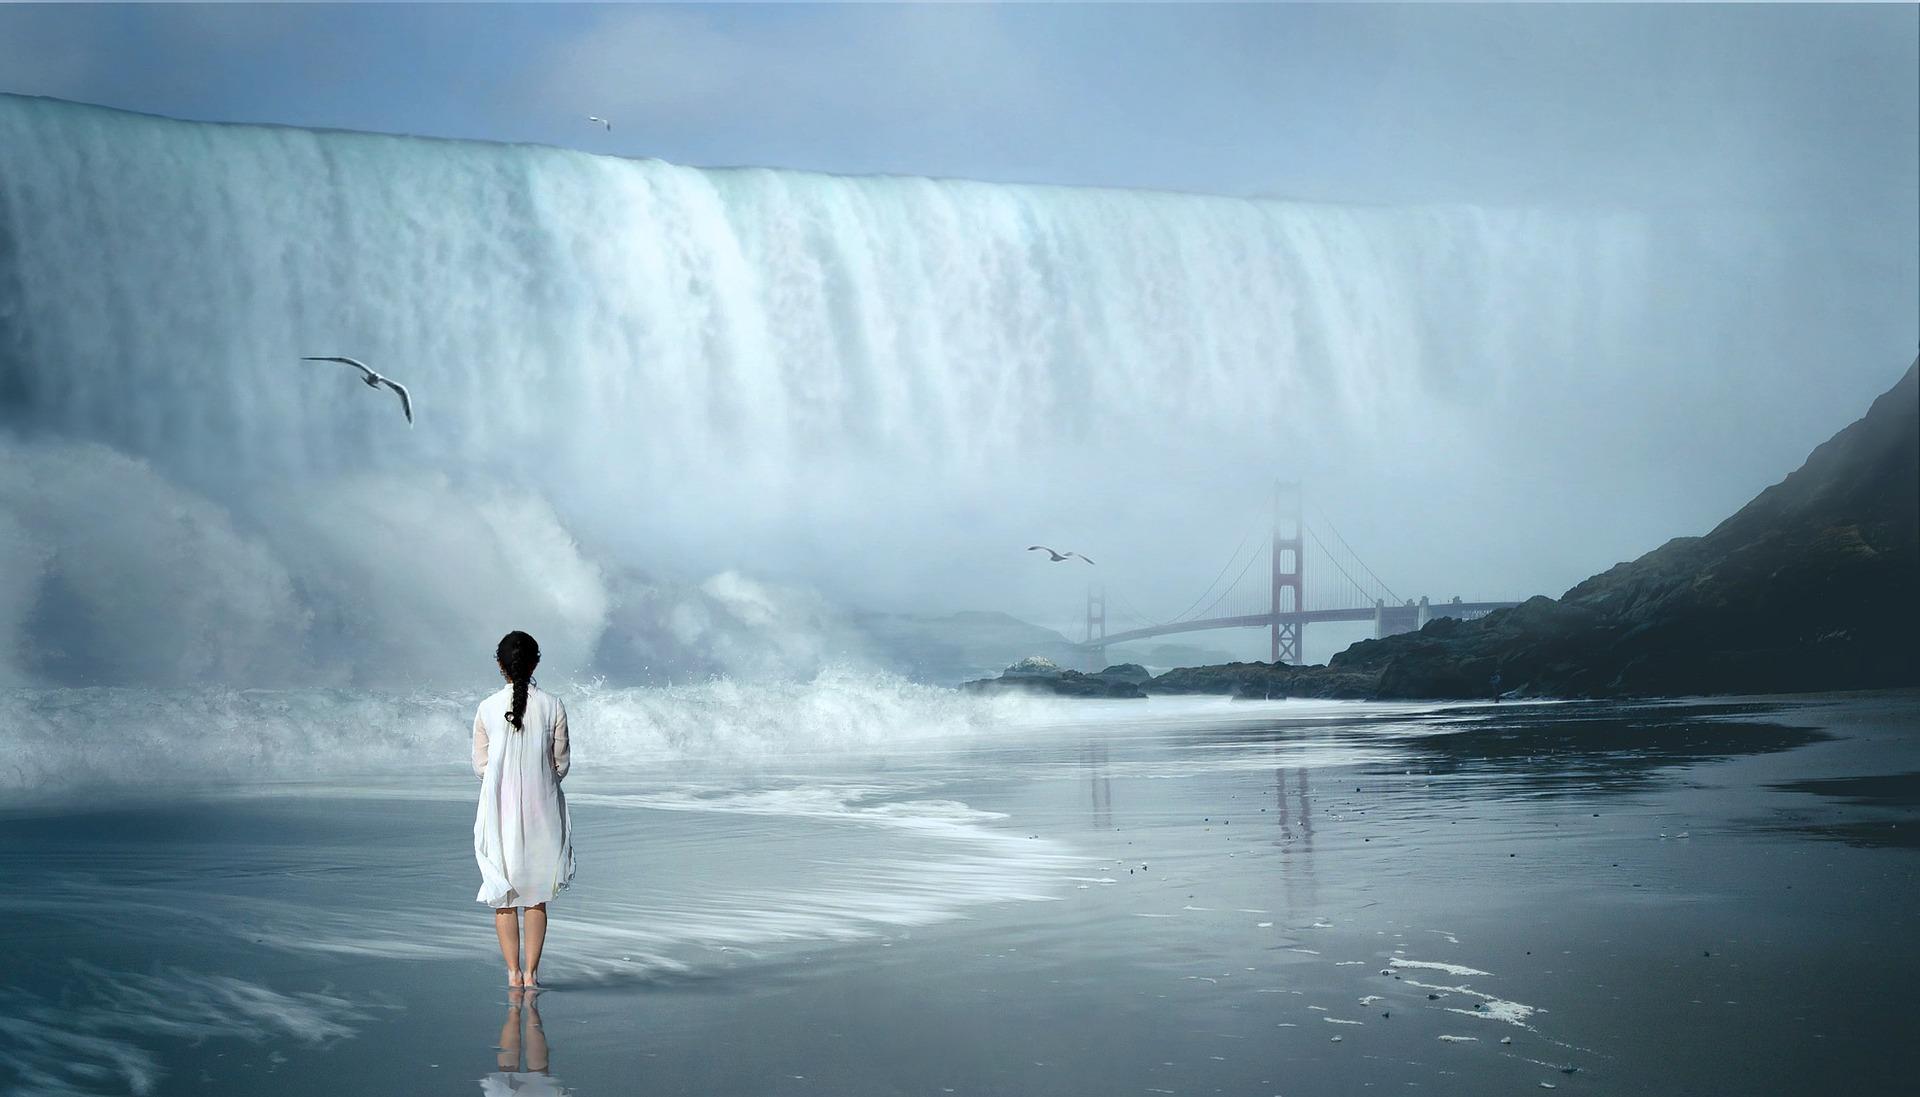 waterfall 2271231 1920 - Proroci nejsou věštci, předpovídající budoucnost